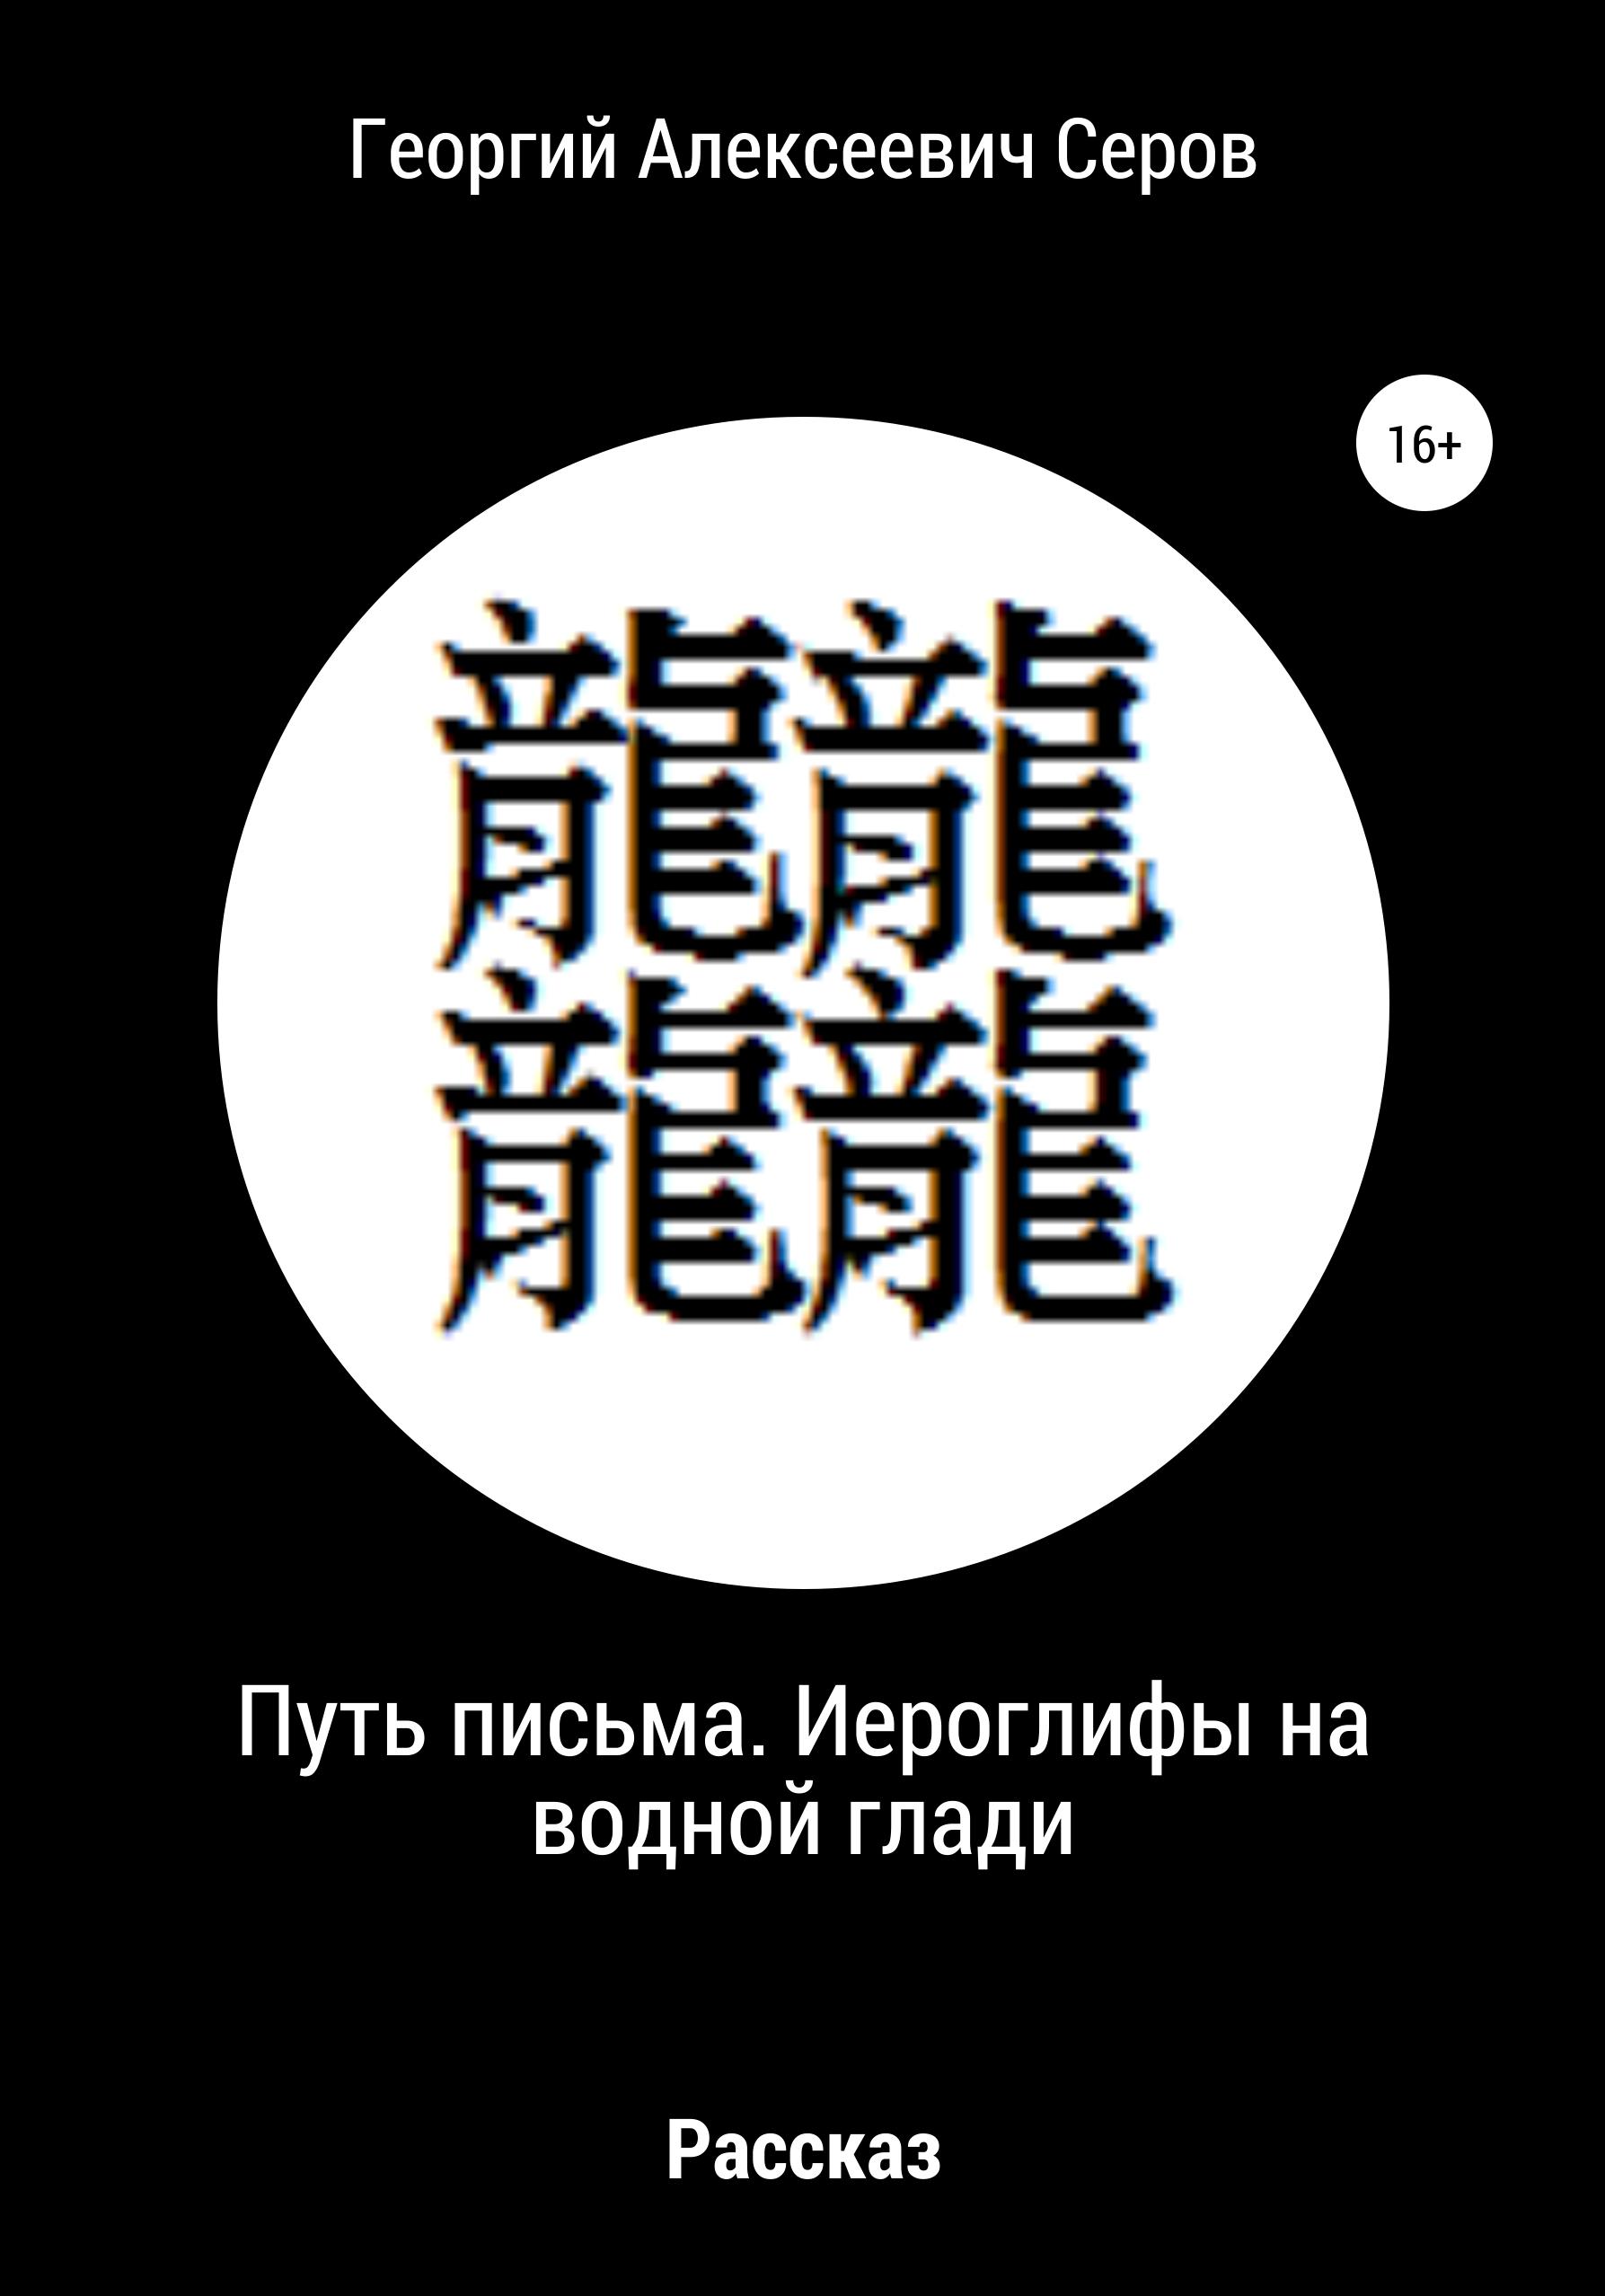 Георгий Алексеевич Серов «Путь письма. Иероглифы на водной глади»